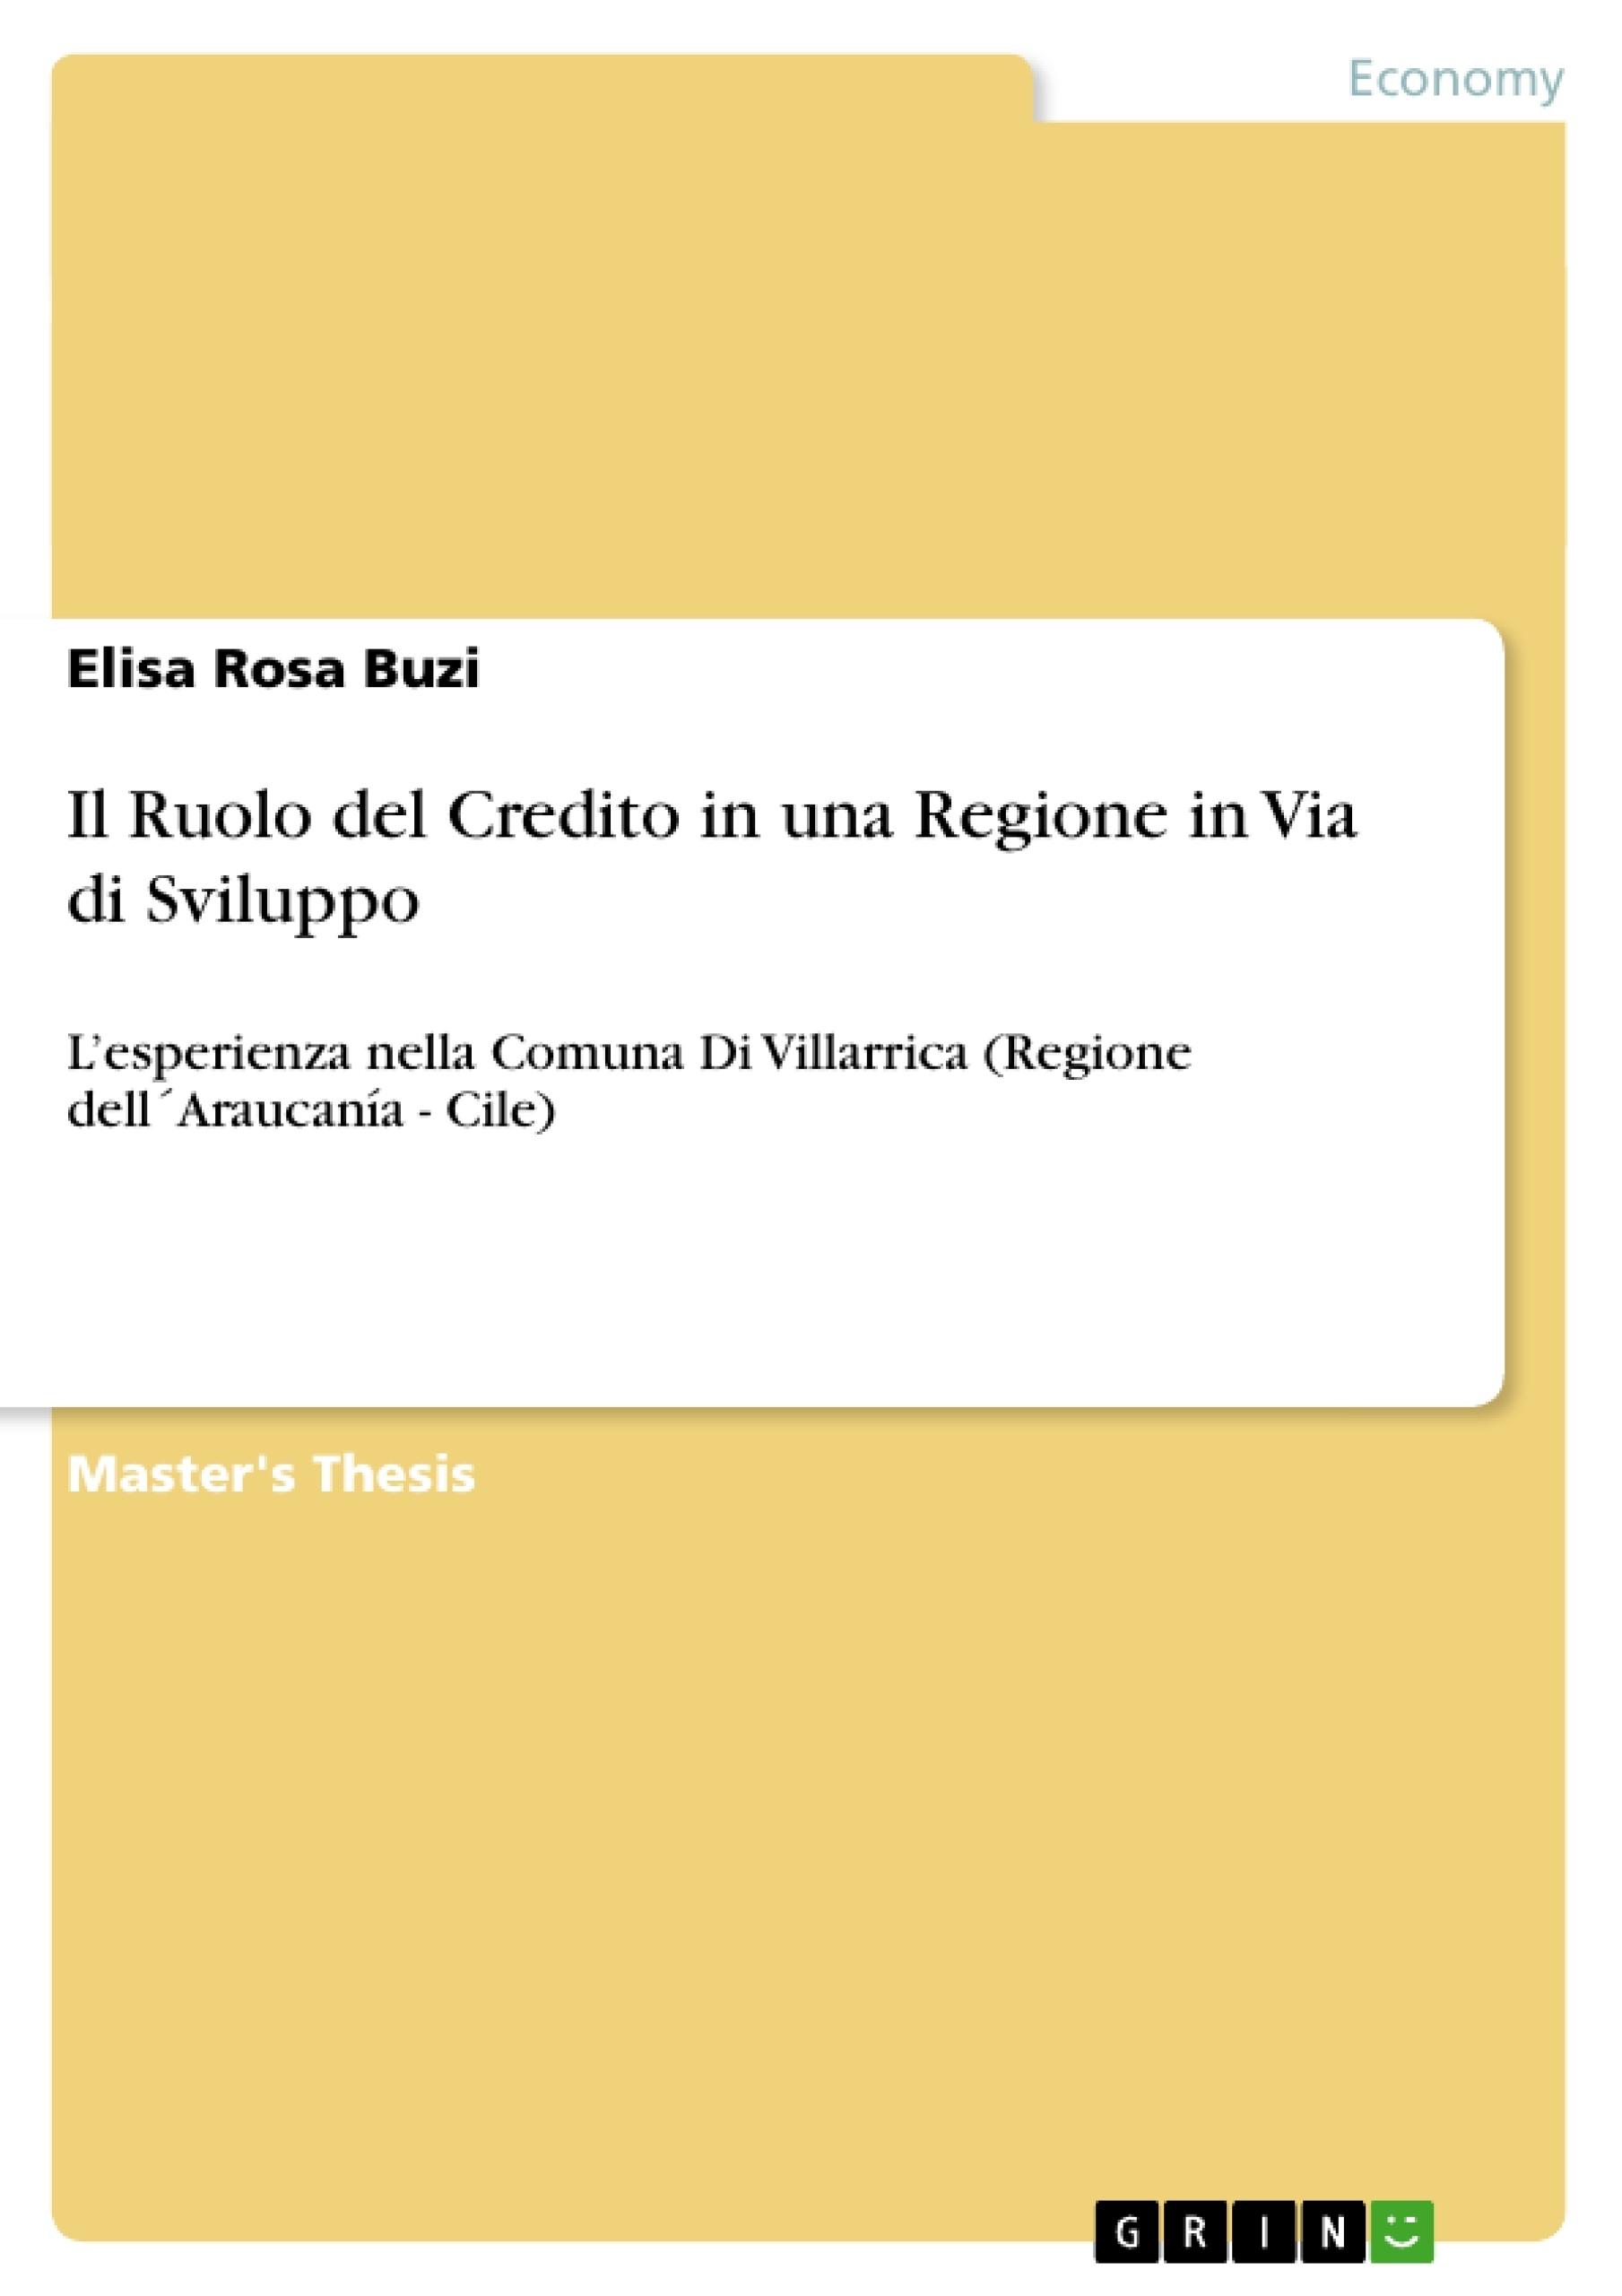 Title: Il Ruolo del Credito in una Regione in Via di Sviluppo